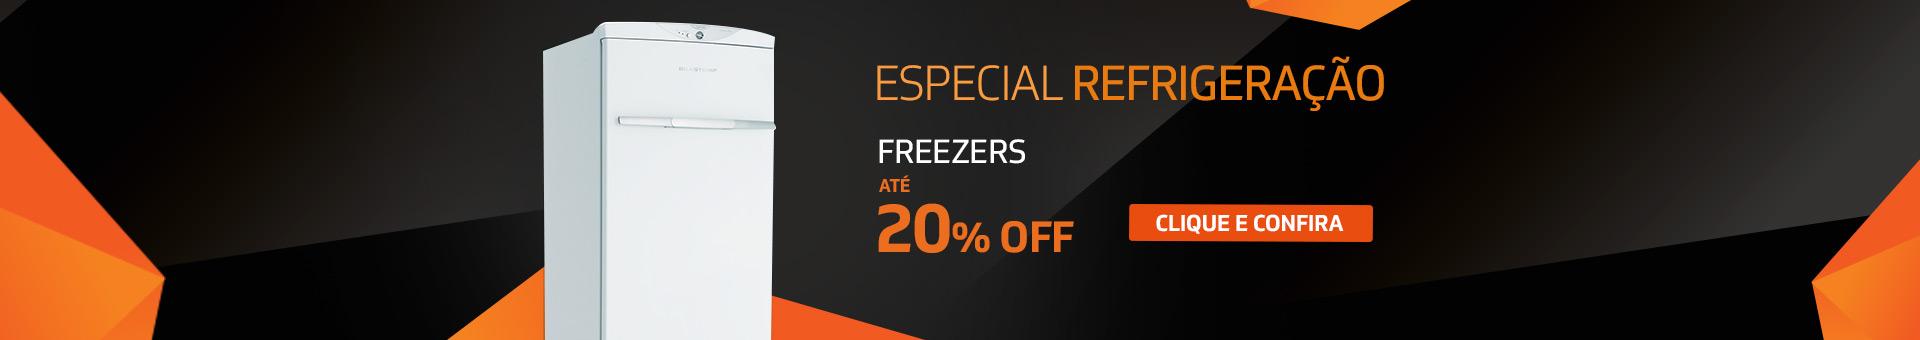 especial refri freezer